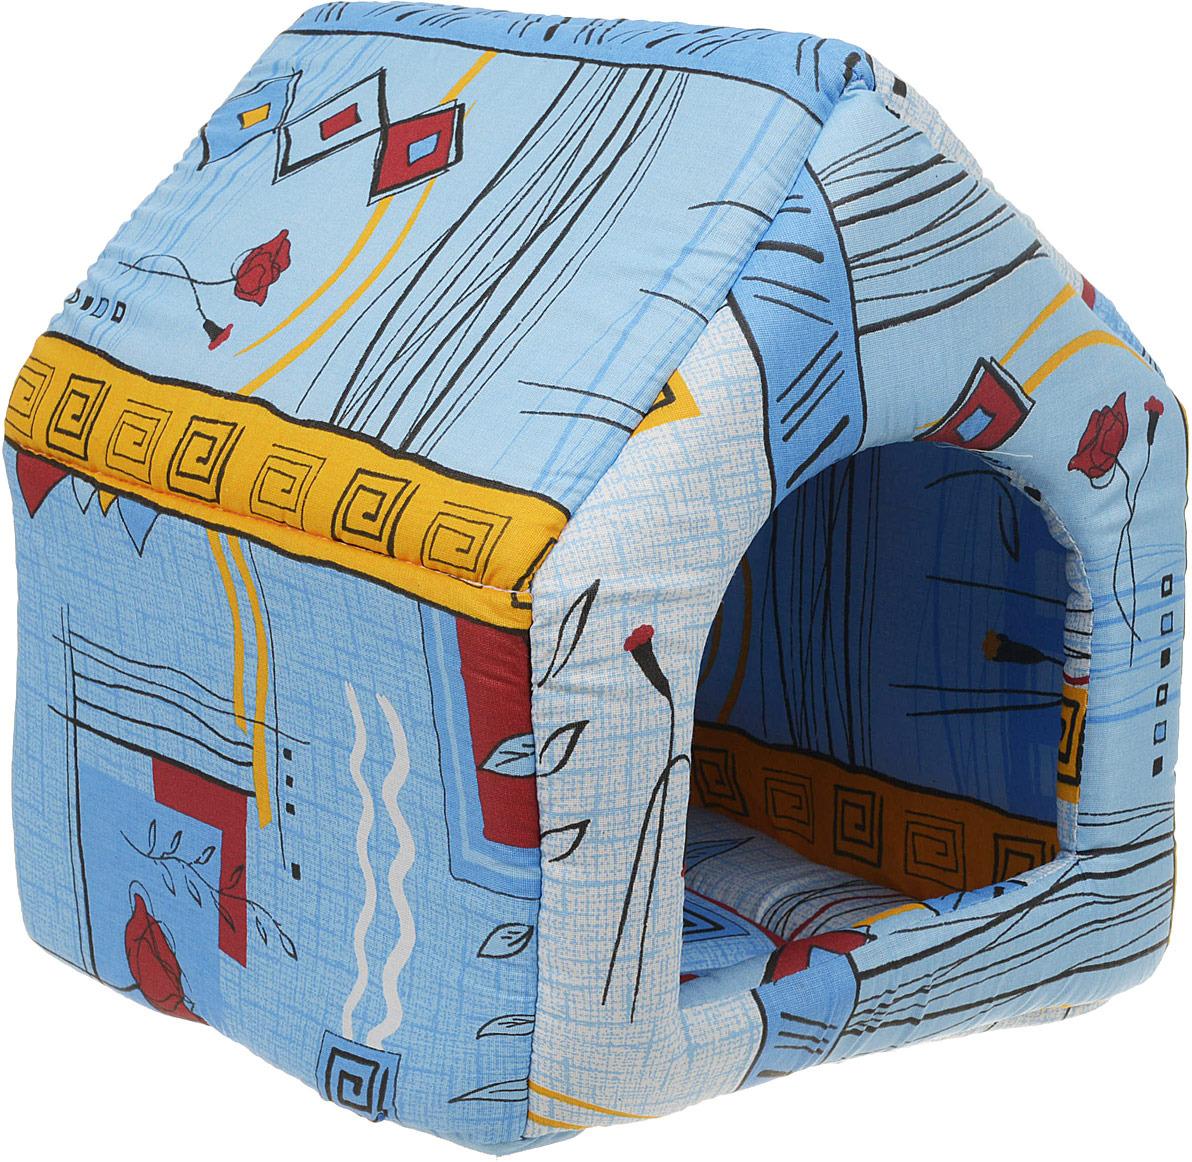 Лежак для животных ЗооМарк Домик-будка №1 Клетка, ЛД-1КС, синий, 35 х 35 х 41 см лежак для животных зоомарк самобранка цвет синий 74 х 55 х 10 см